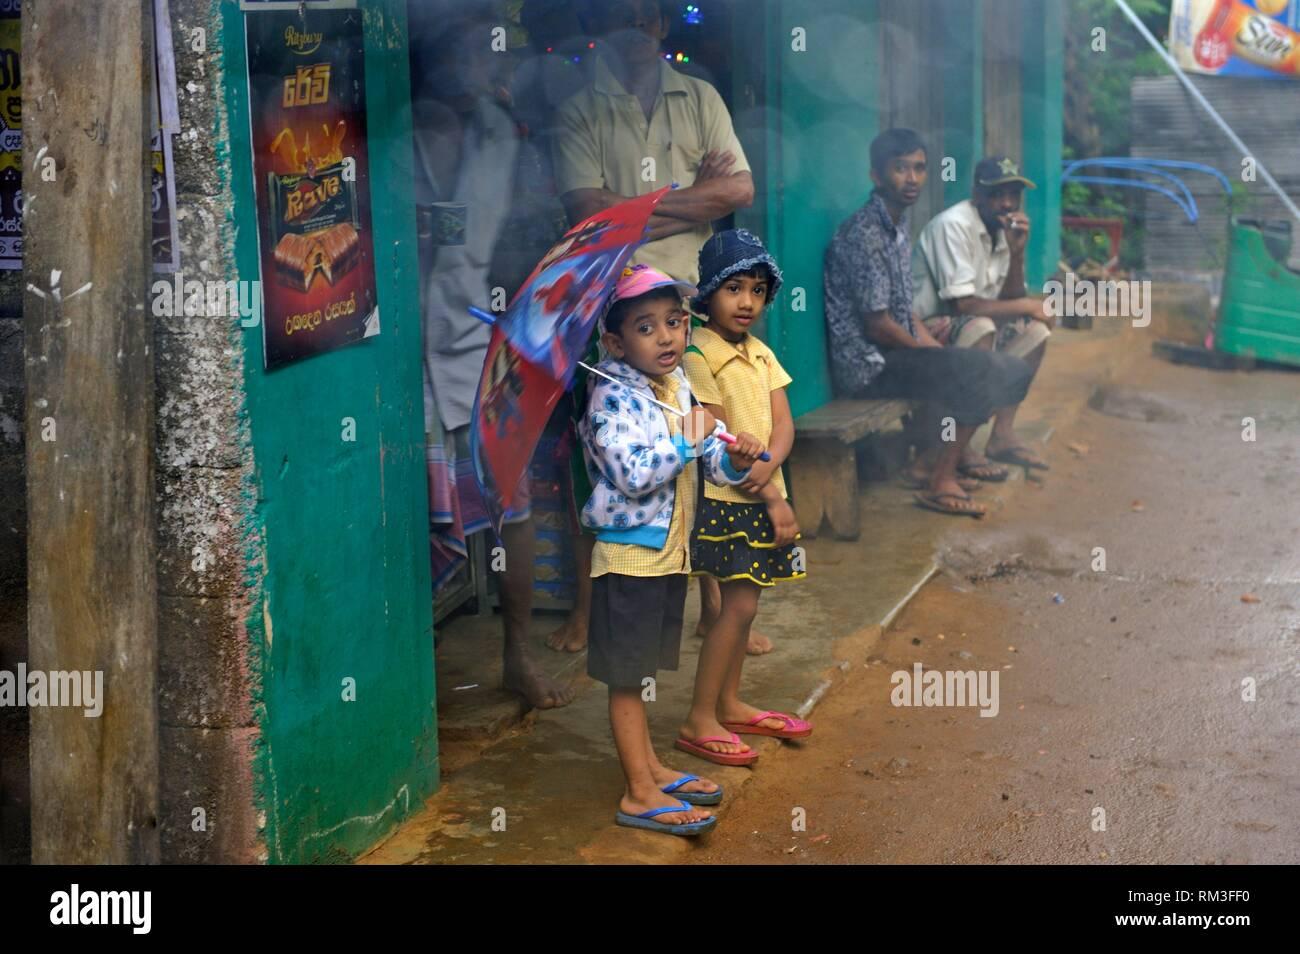 Lo Sri Lanka, il subcontinente indiano, Asia del Sud. Immagini Stock